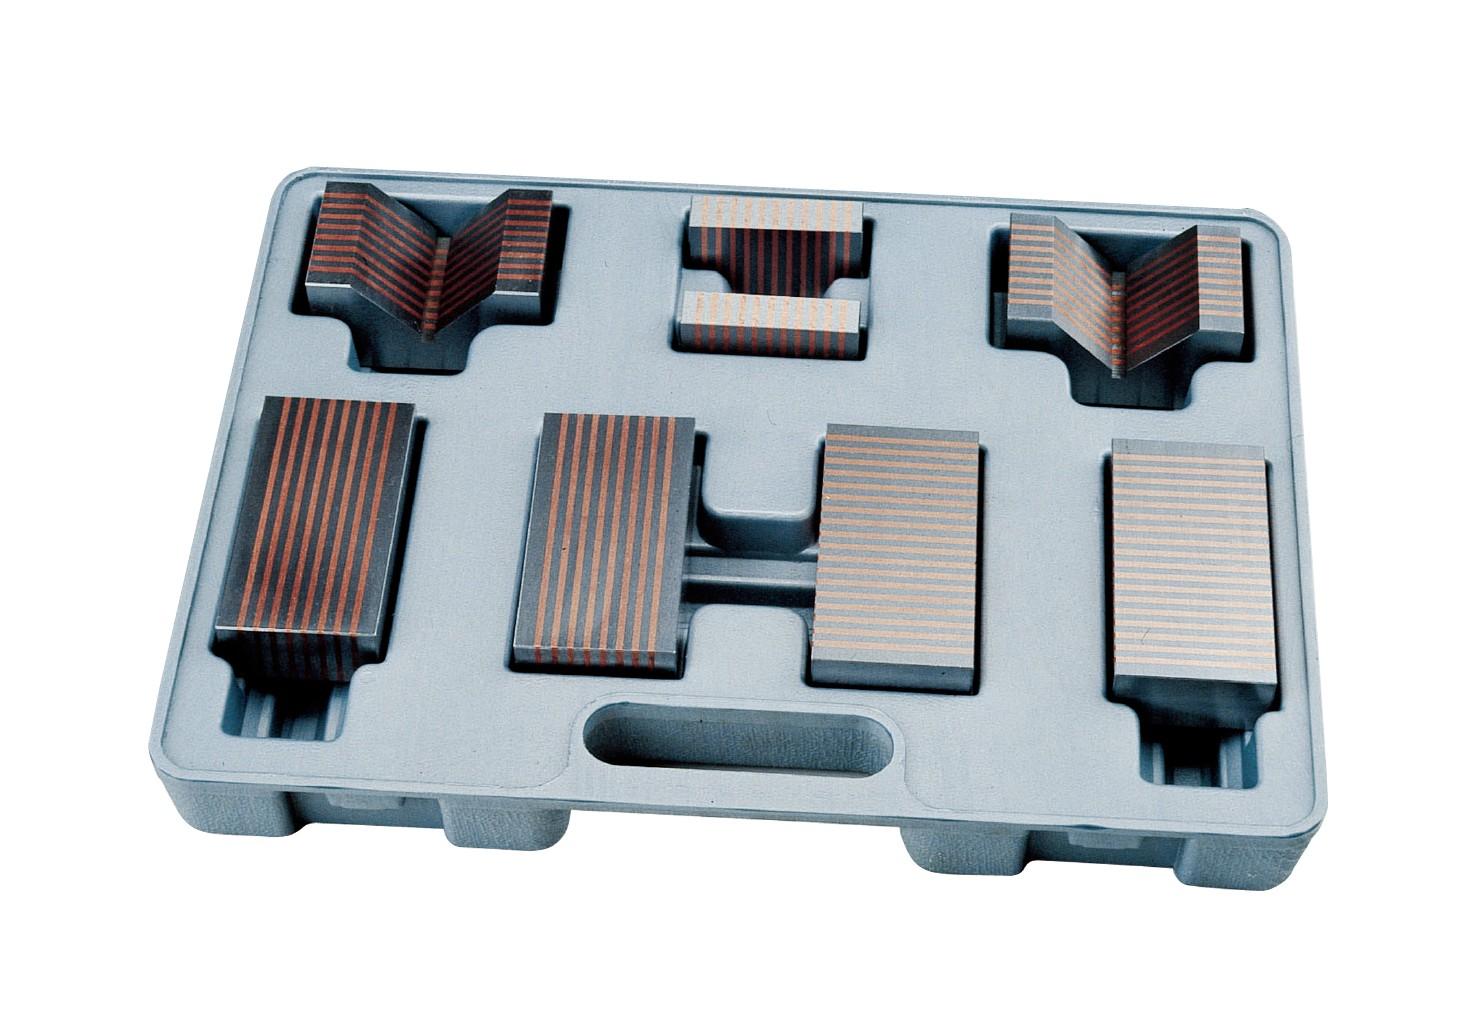 臺灣米其林磨床導磁塊磁盤過磁器34045 MCLBM400